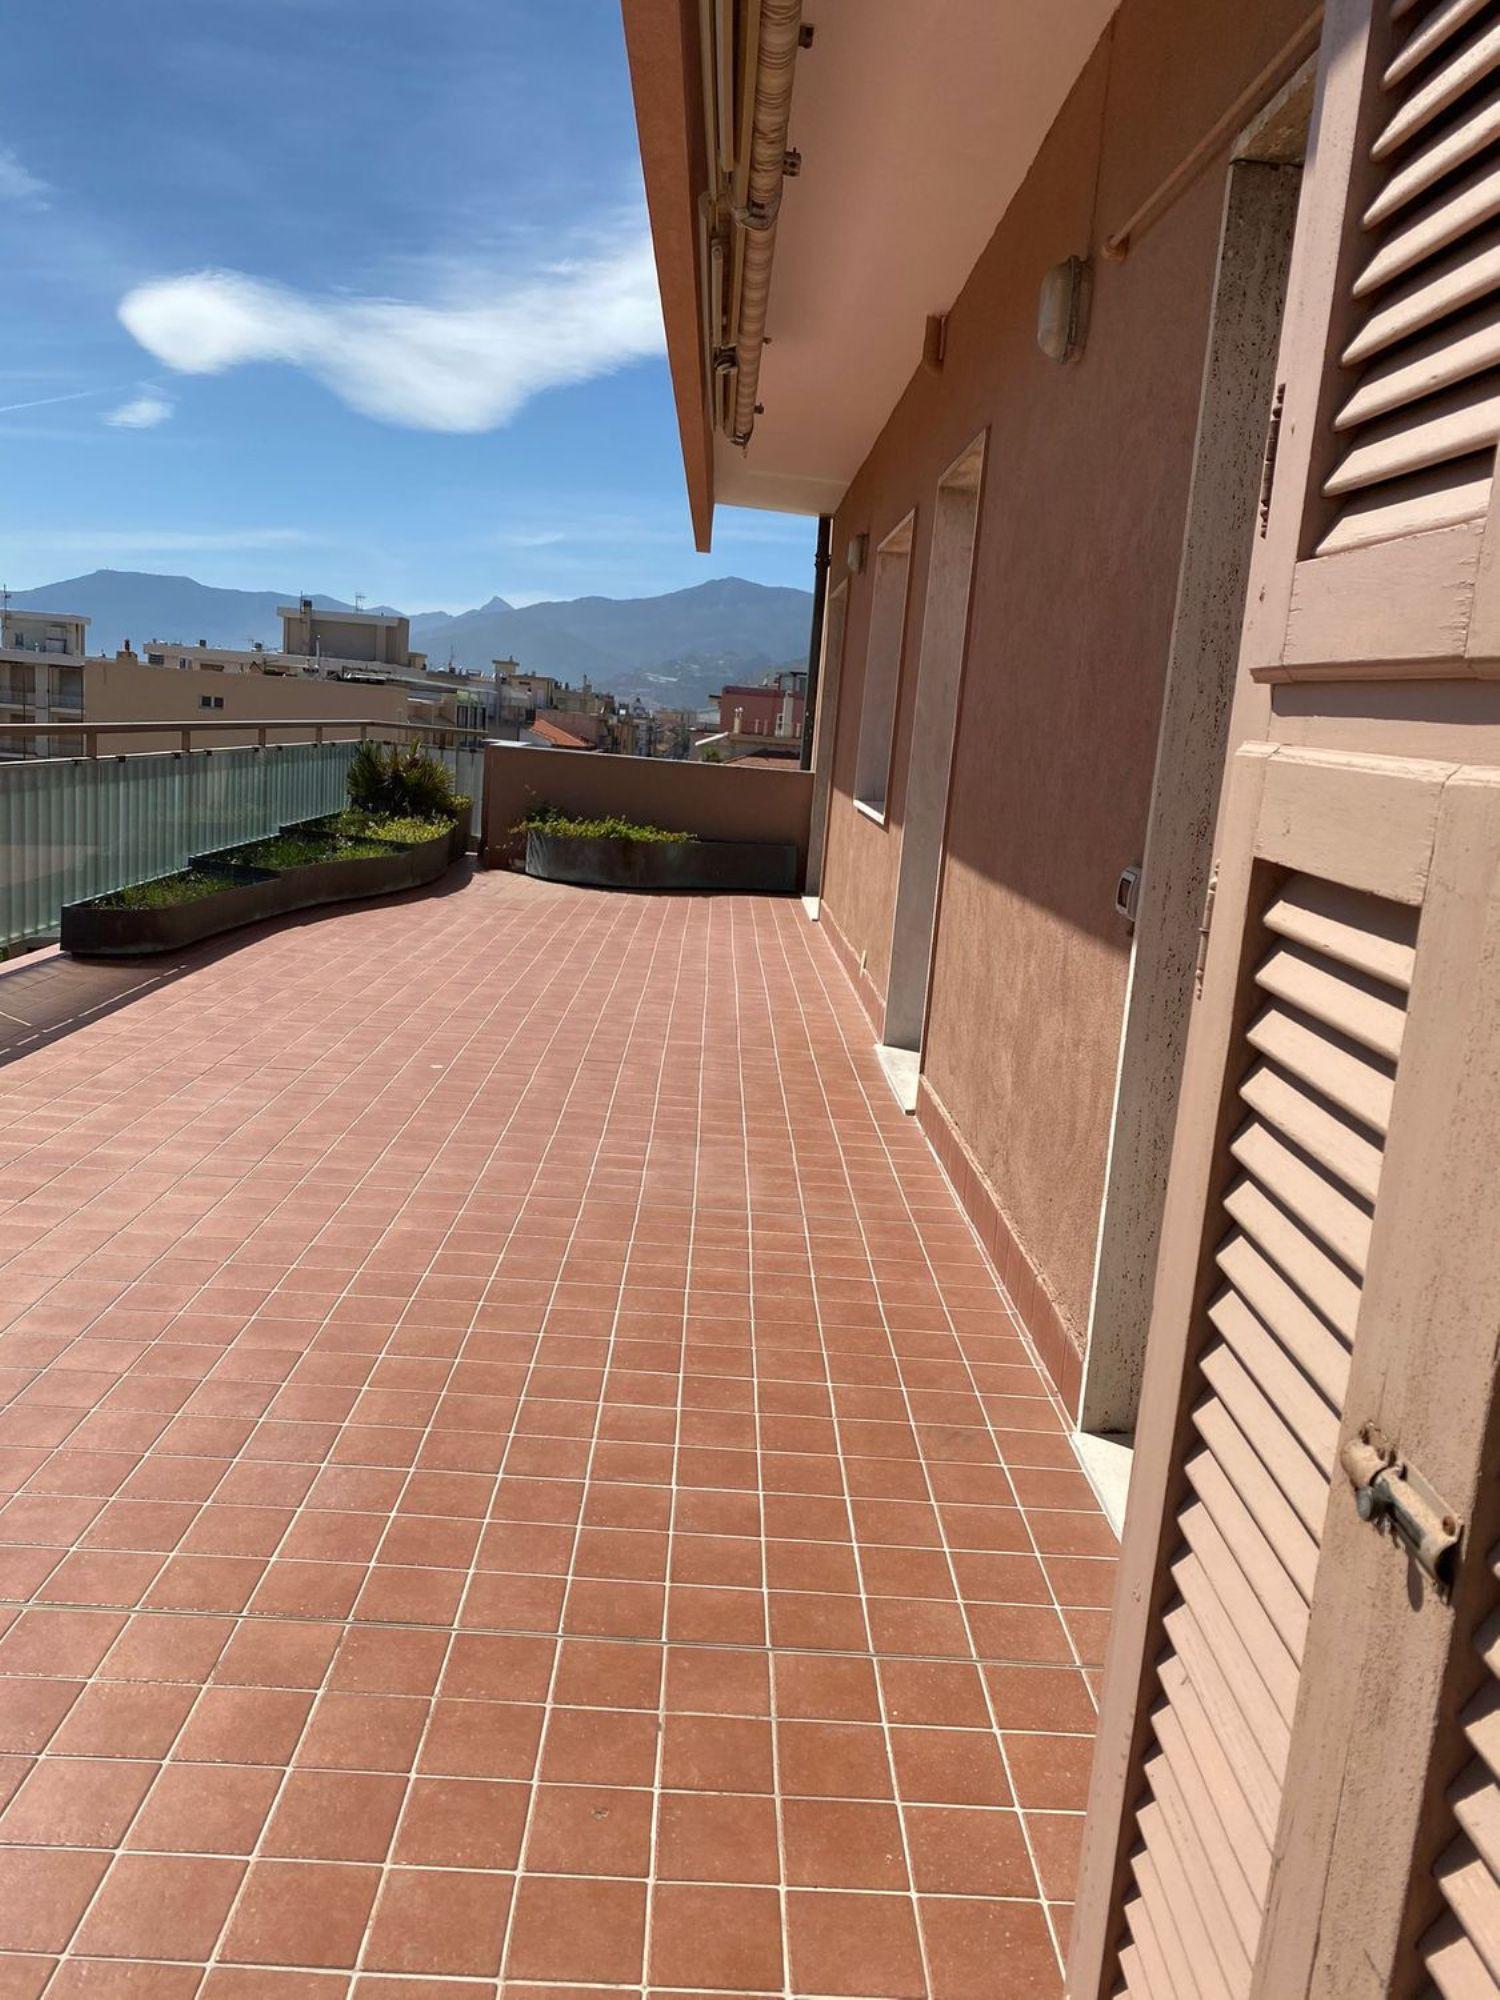 Attico / Mansarda in affitto a Bordighera, 4 locali, prezzo € 1.000 | PortaleAgenzieImmobiliari.it